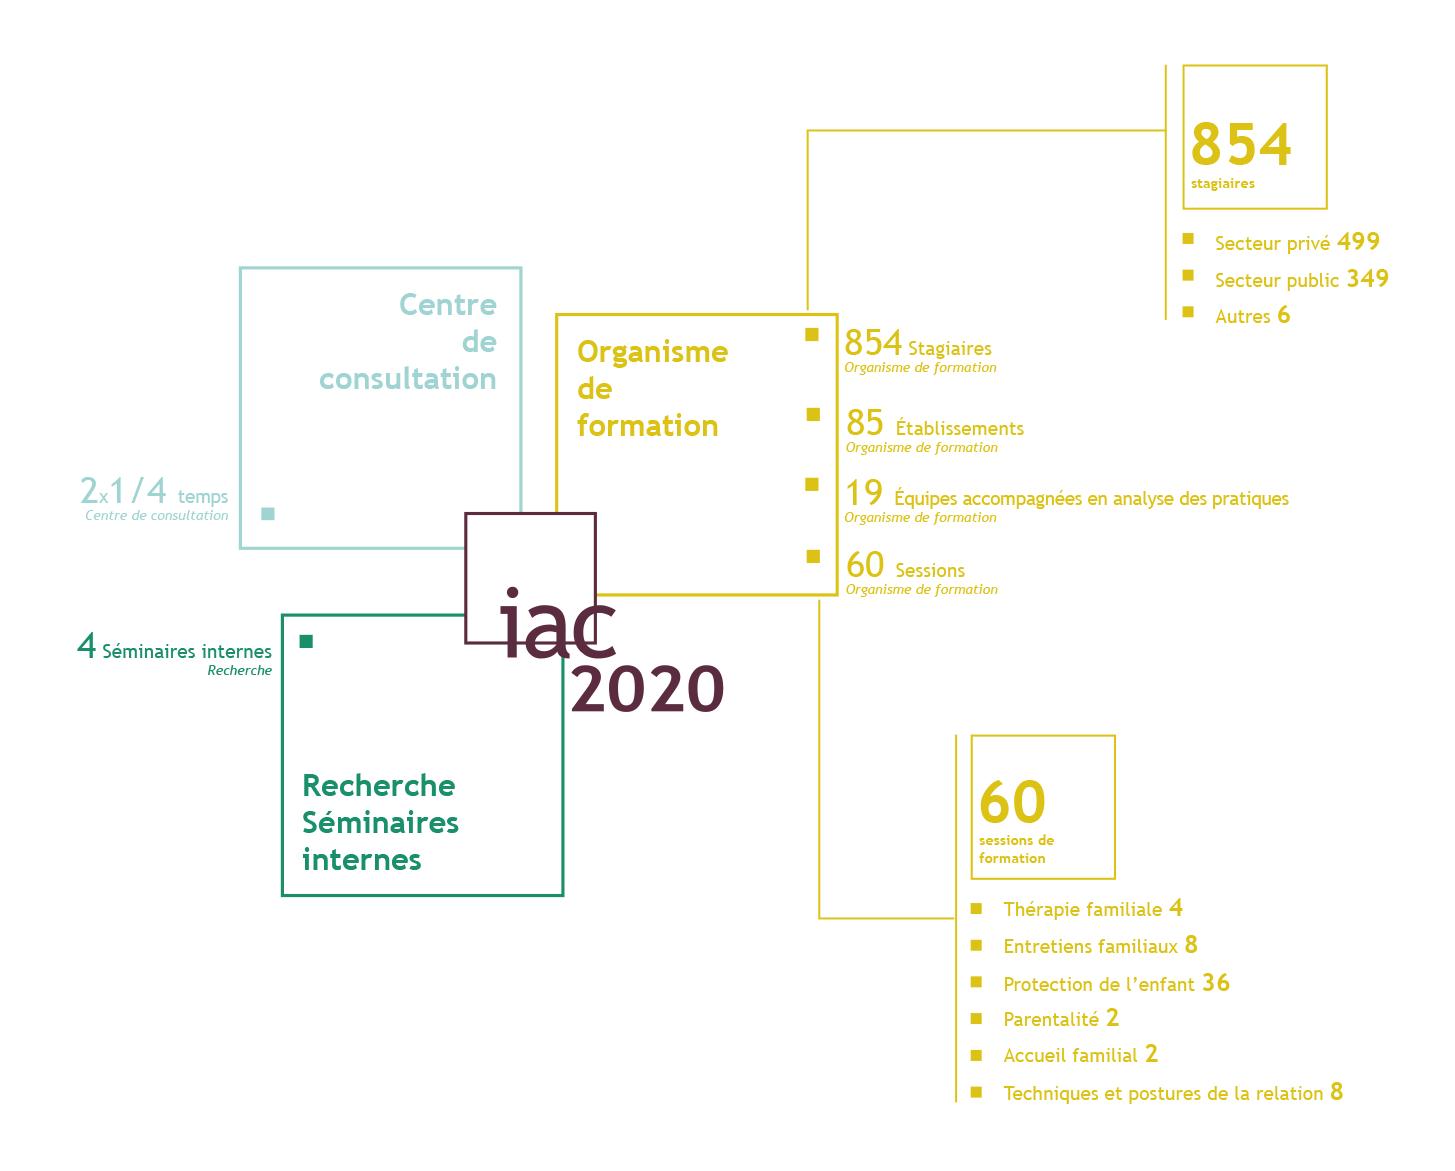 Chiffres du rapport d'activité pour l'année 2020 - 2eme partie